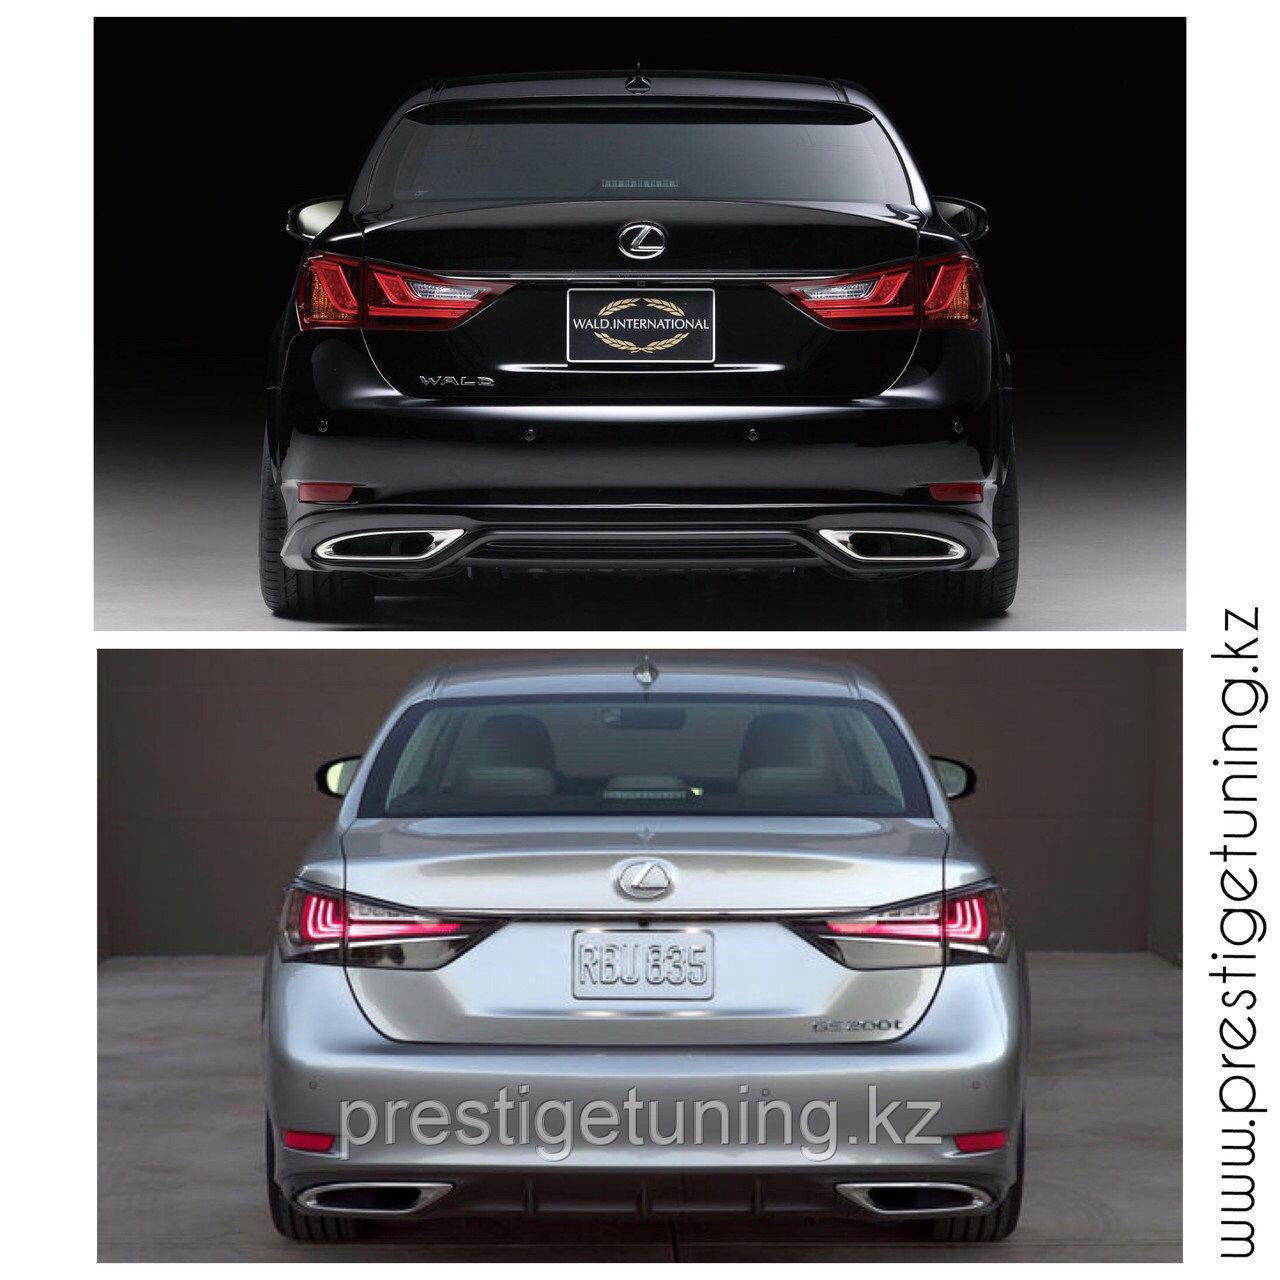 Задние фонари на Lexus GS F-sport 2012-15 (Оригинал)